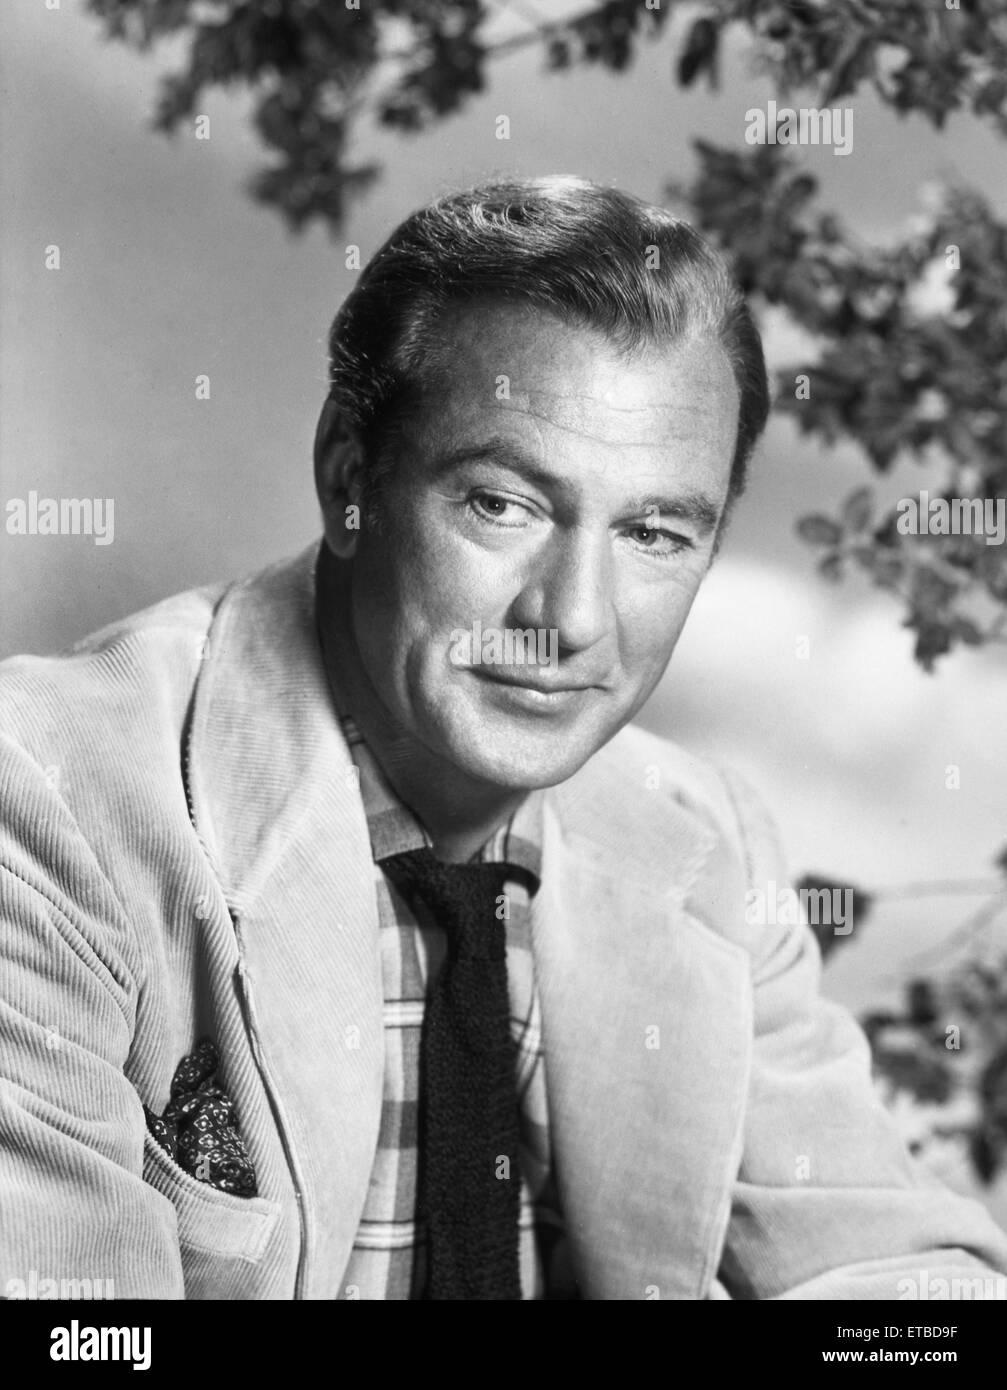 Schauspieler Gary Cooper, Werbung Portrait, um 1950 Stockbild